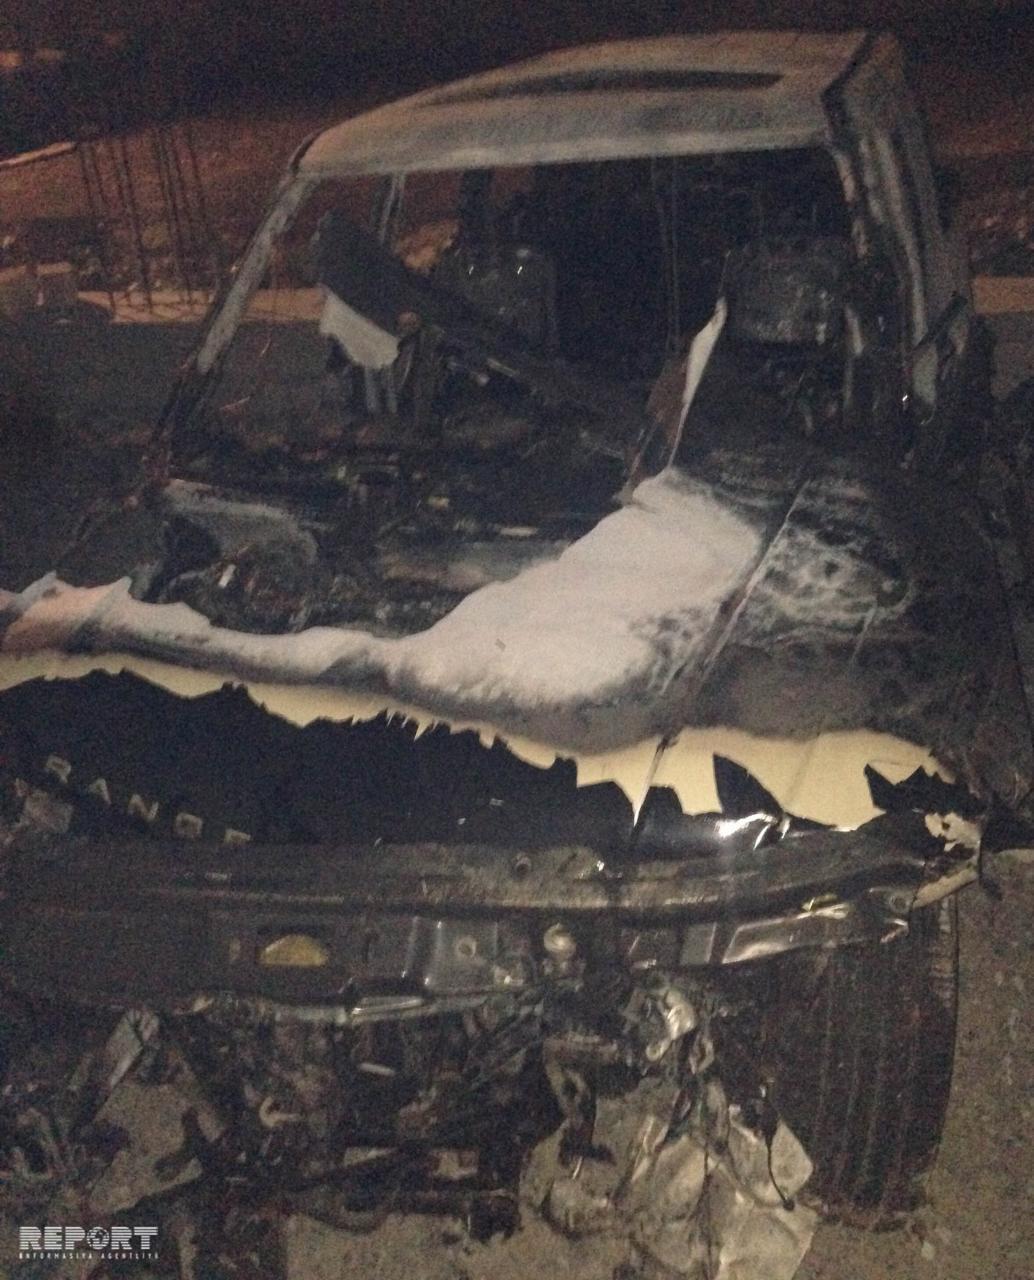 Bakıda iki maşının toqquşması nəticəsində yanğın baş verib, 2 nəfər ölüb - FOTO